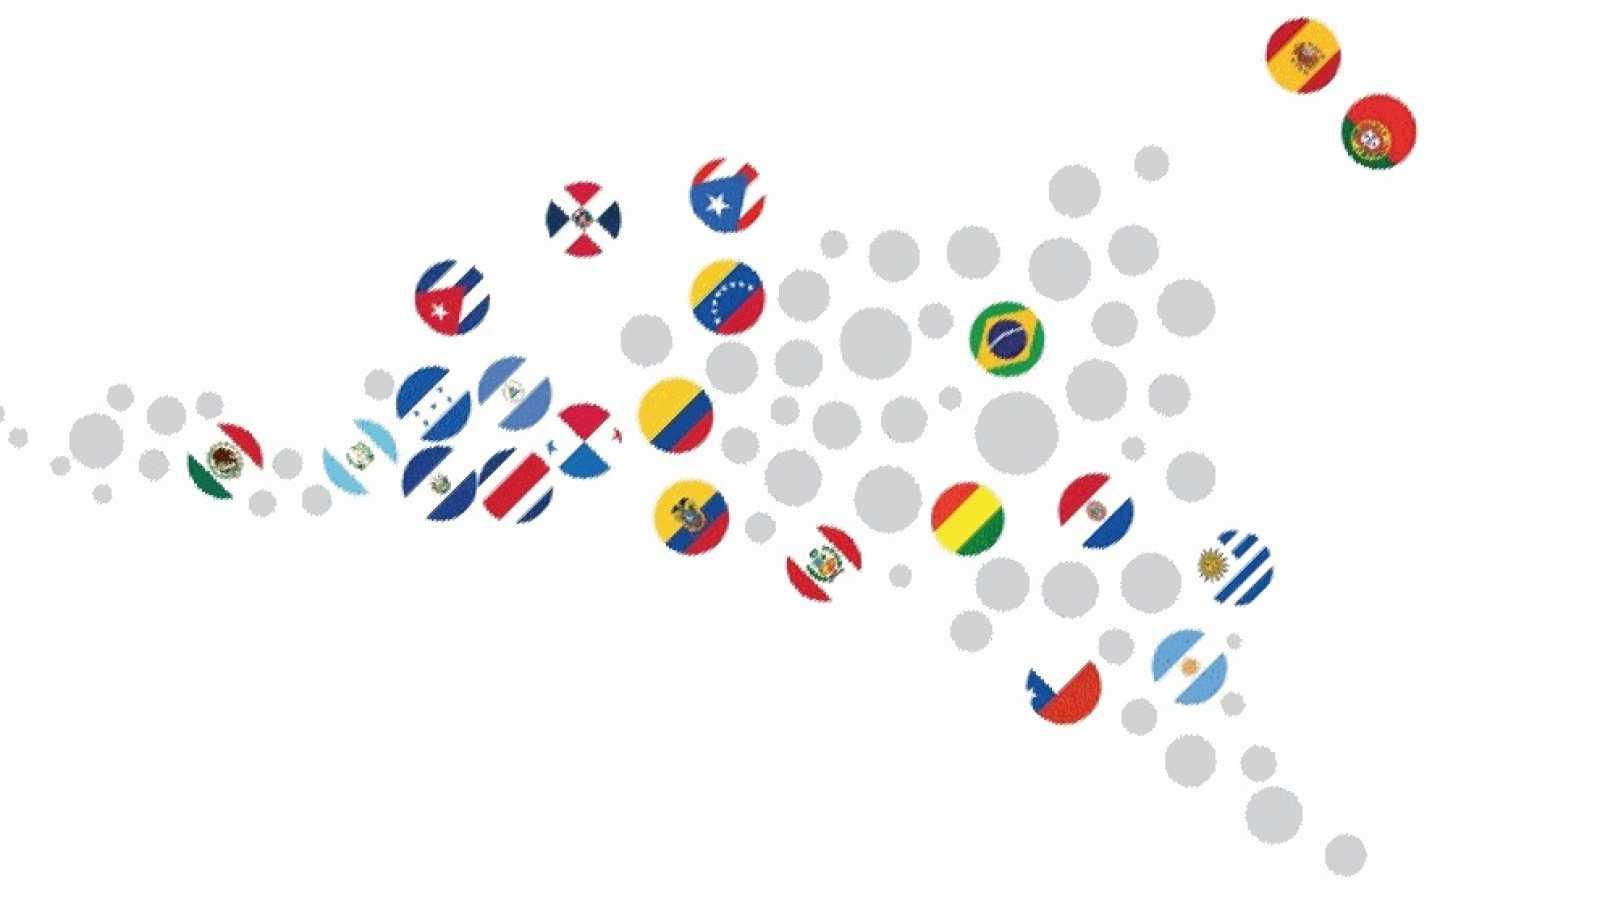 Hora América - La importancia de las industrias culturales y creativas en Iberoamérica - 07/01/19 - Escuchar ahora